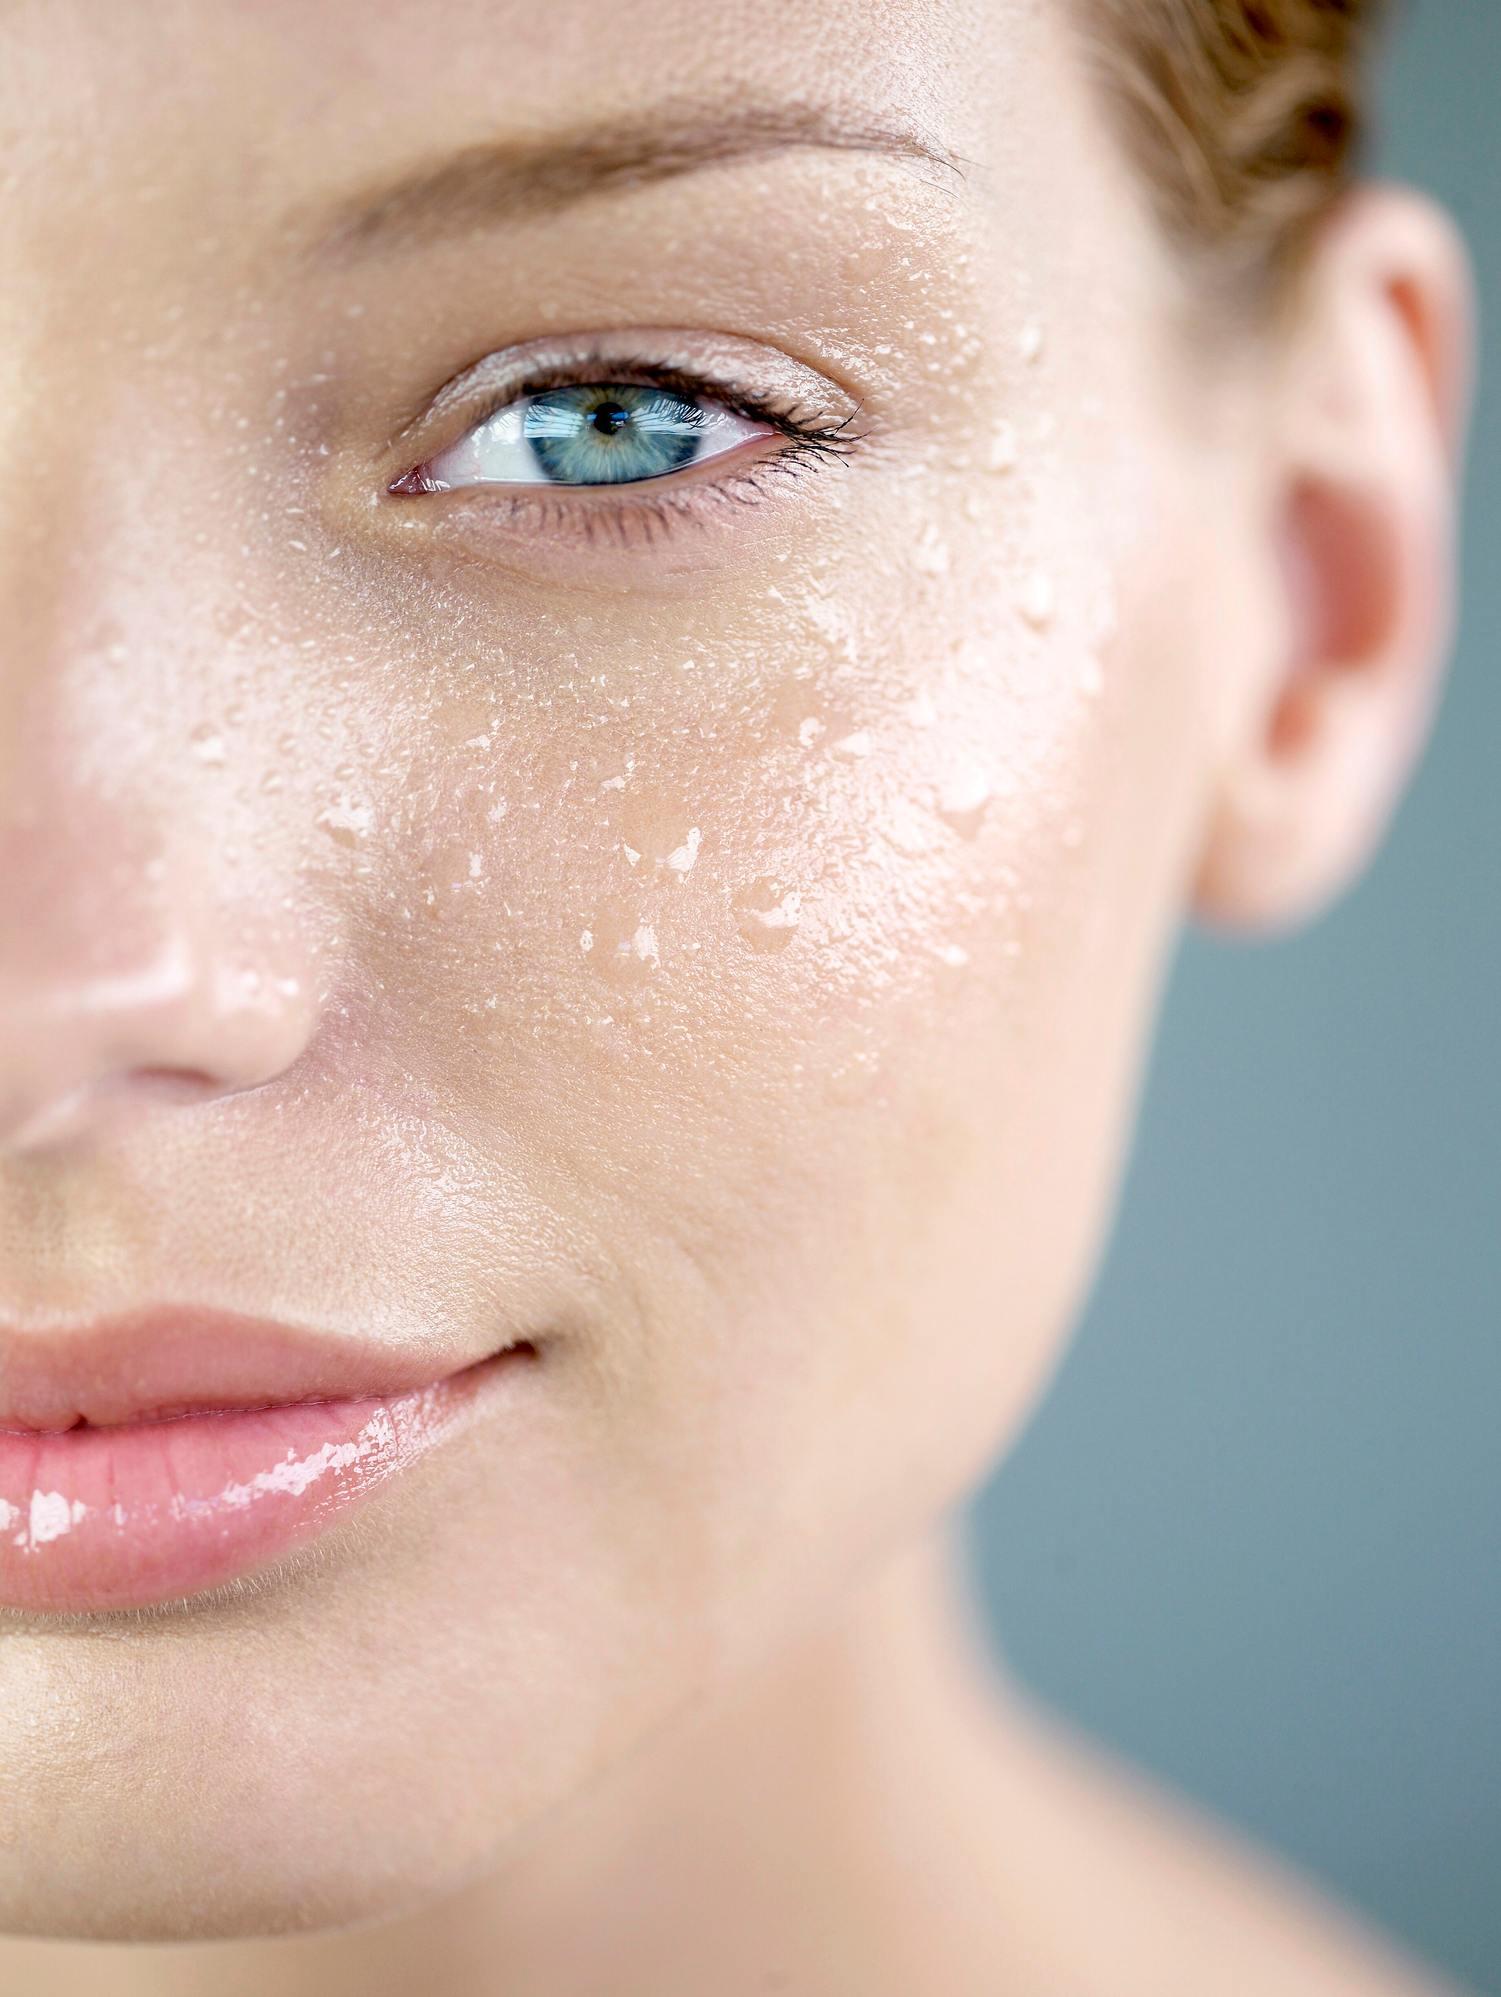 6.痘痘肌的洗臉步驟 將臉徹底地打濕,擠約十元大小的洗面乳於掌心,加點水,雙手將洗面乳搓揉出滿滿的泡沫後,先洗臉上最容易出油,痘痘最多的地方,接著再由內向外延伸,在洗的時候只要用指腹溫柔的打圈,每個部位洗五秒左右,髮際線及下巴輪廓線,這些最容易偷偷冒痘的部位,都要清潔到,最後再將臉洗乾淨(記得洗記得洗面乳不要留在臉上太久的時間喔),洗完臉後請立即上後續保養品,才能keep住臉上的水分不流失